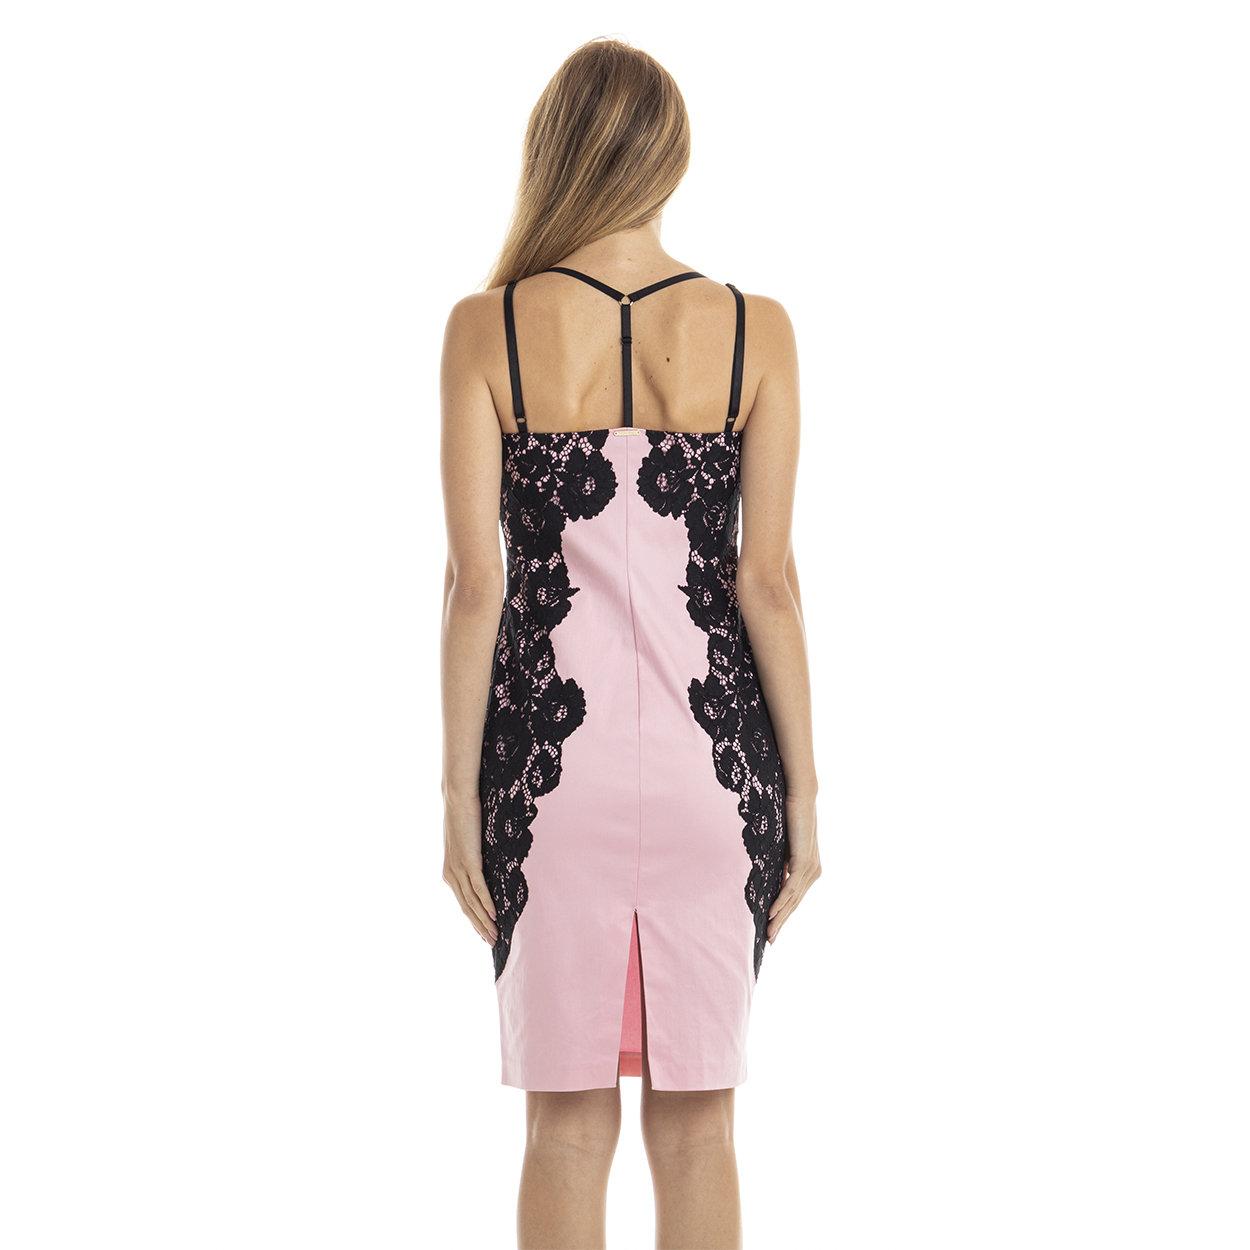 Abito con dettagli in pizzo rosa e nero Guess by Marciano Acquista su Ventis.